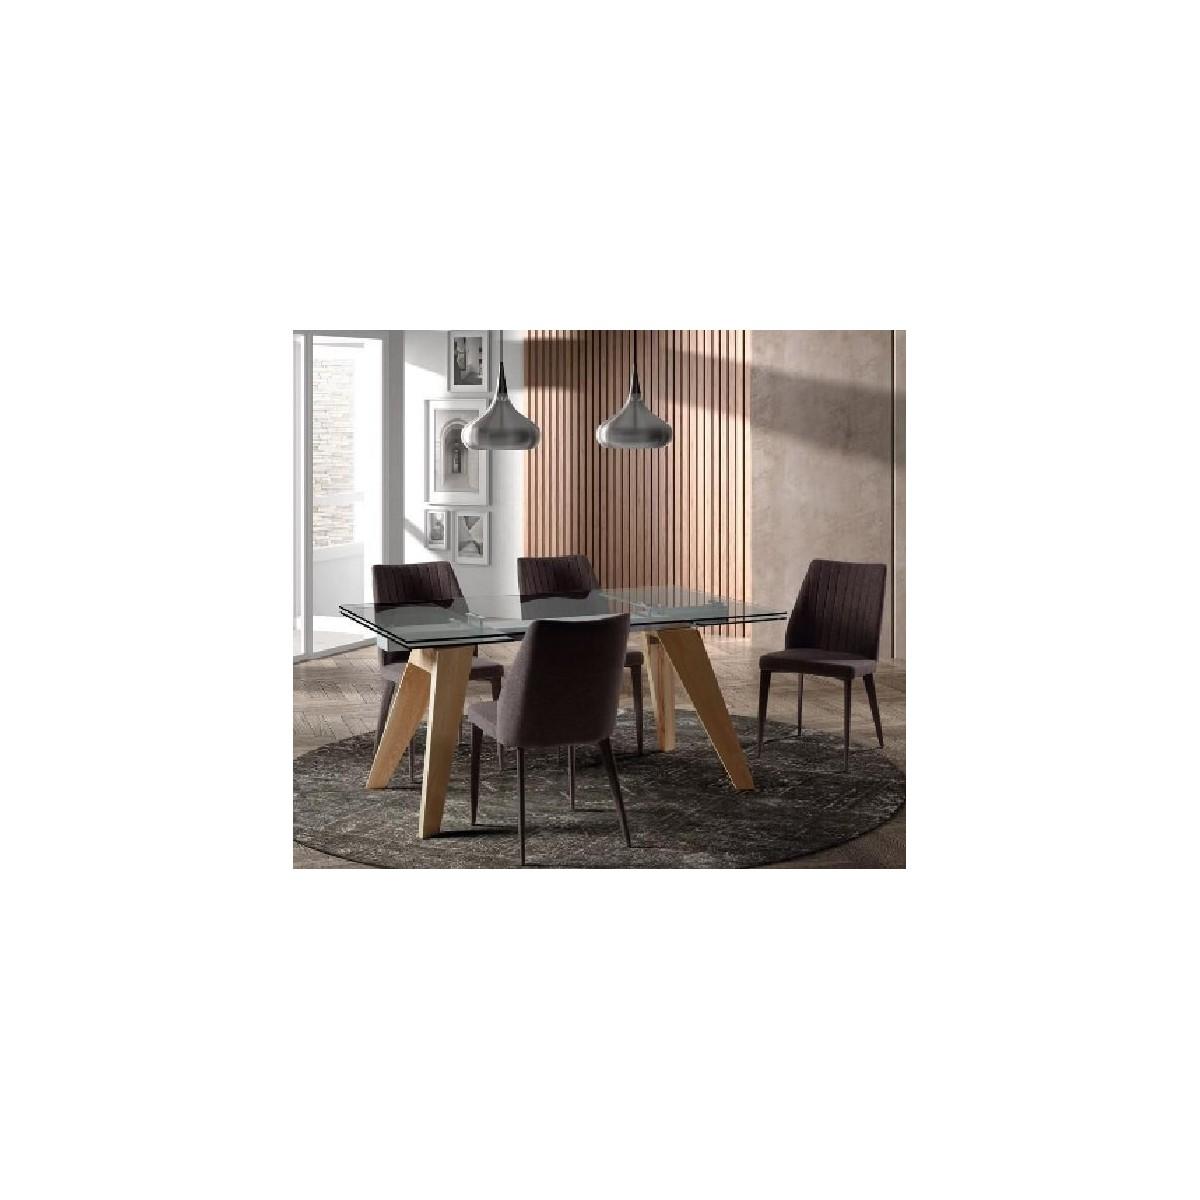 Mesa comedor moderna cristal de camino a casa mountain for Camino a casa muebles